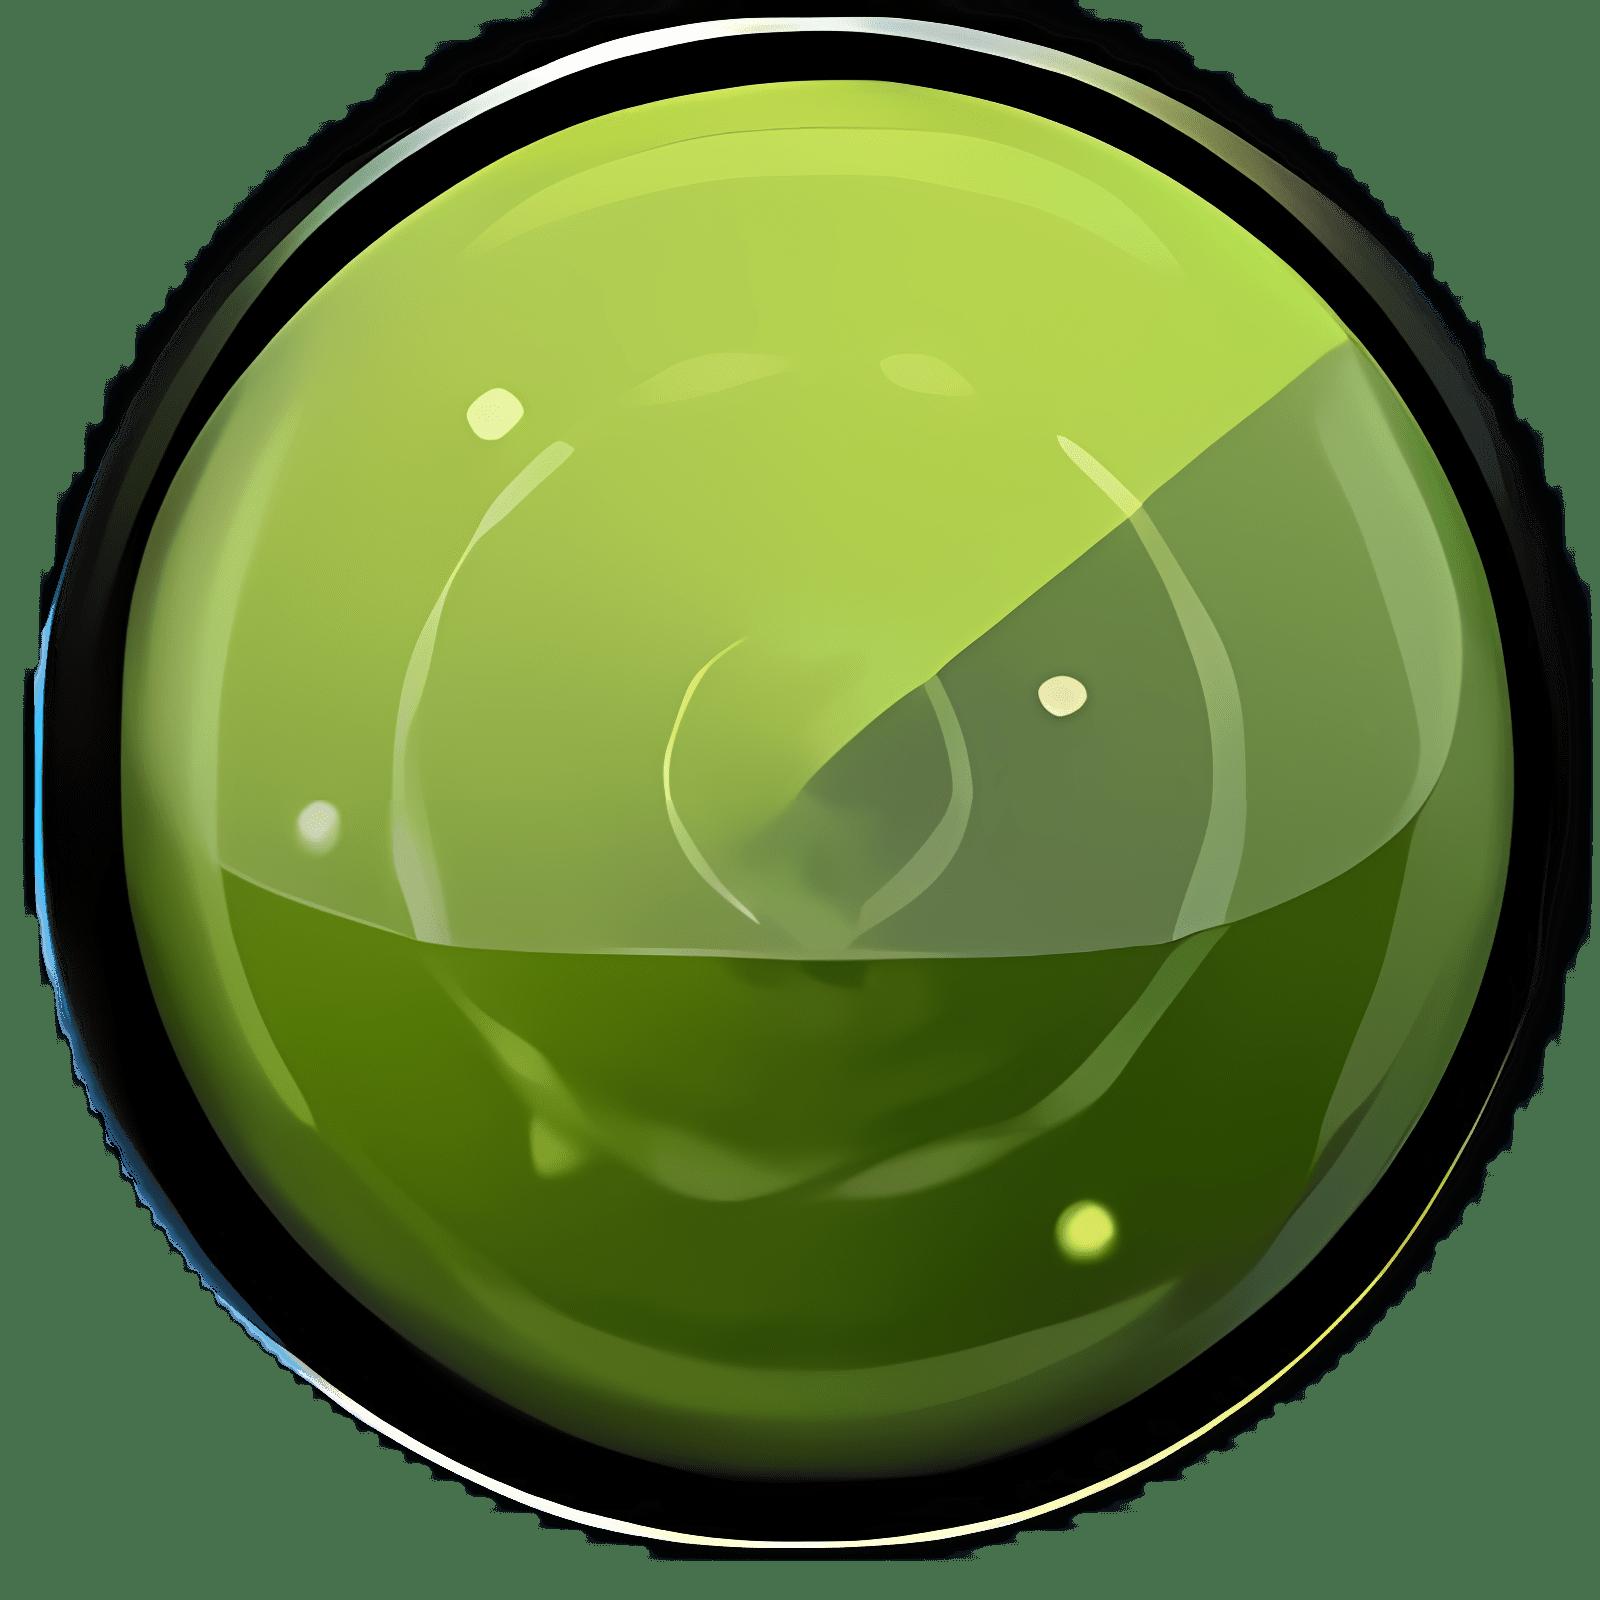 PCSuite Inspector Pro 1.0.0.0